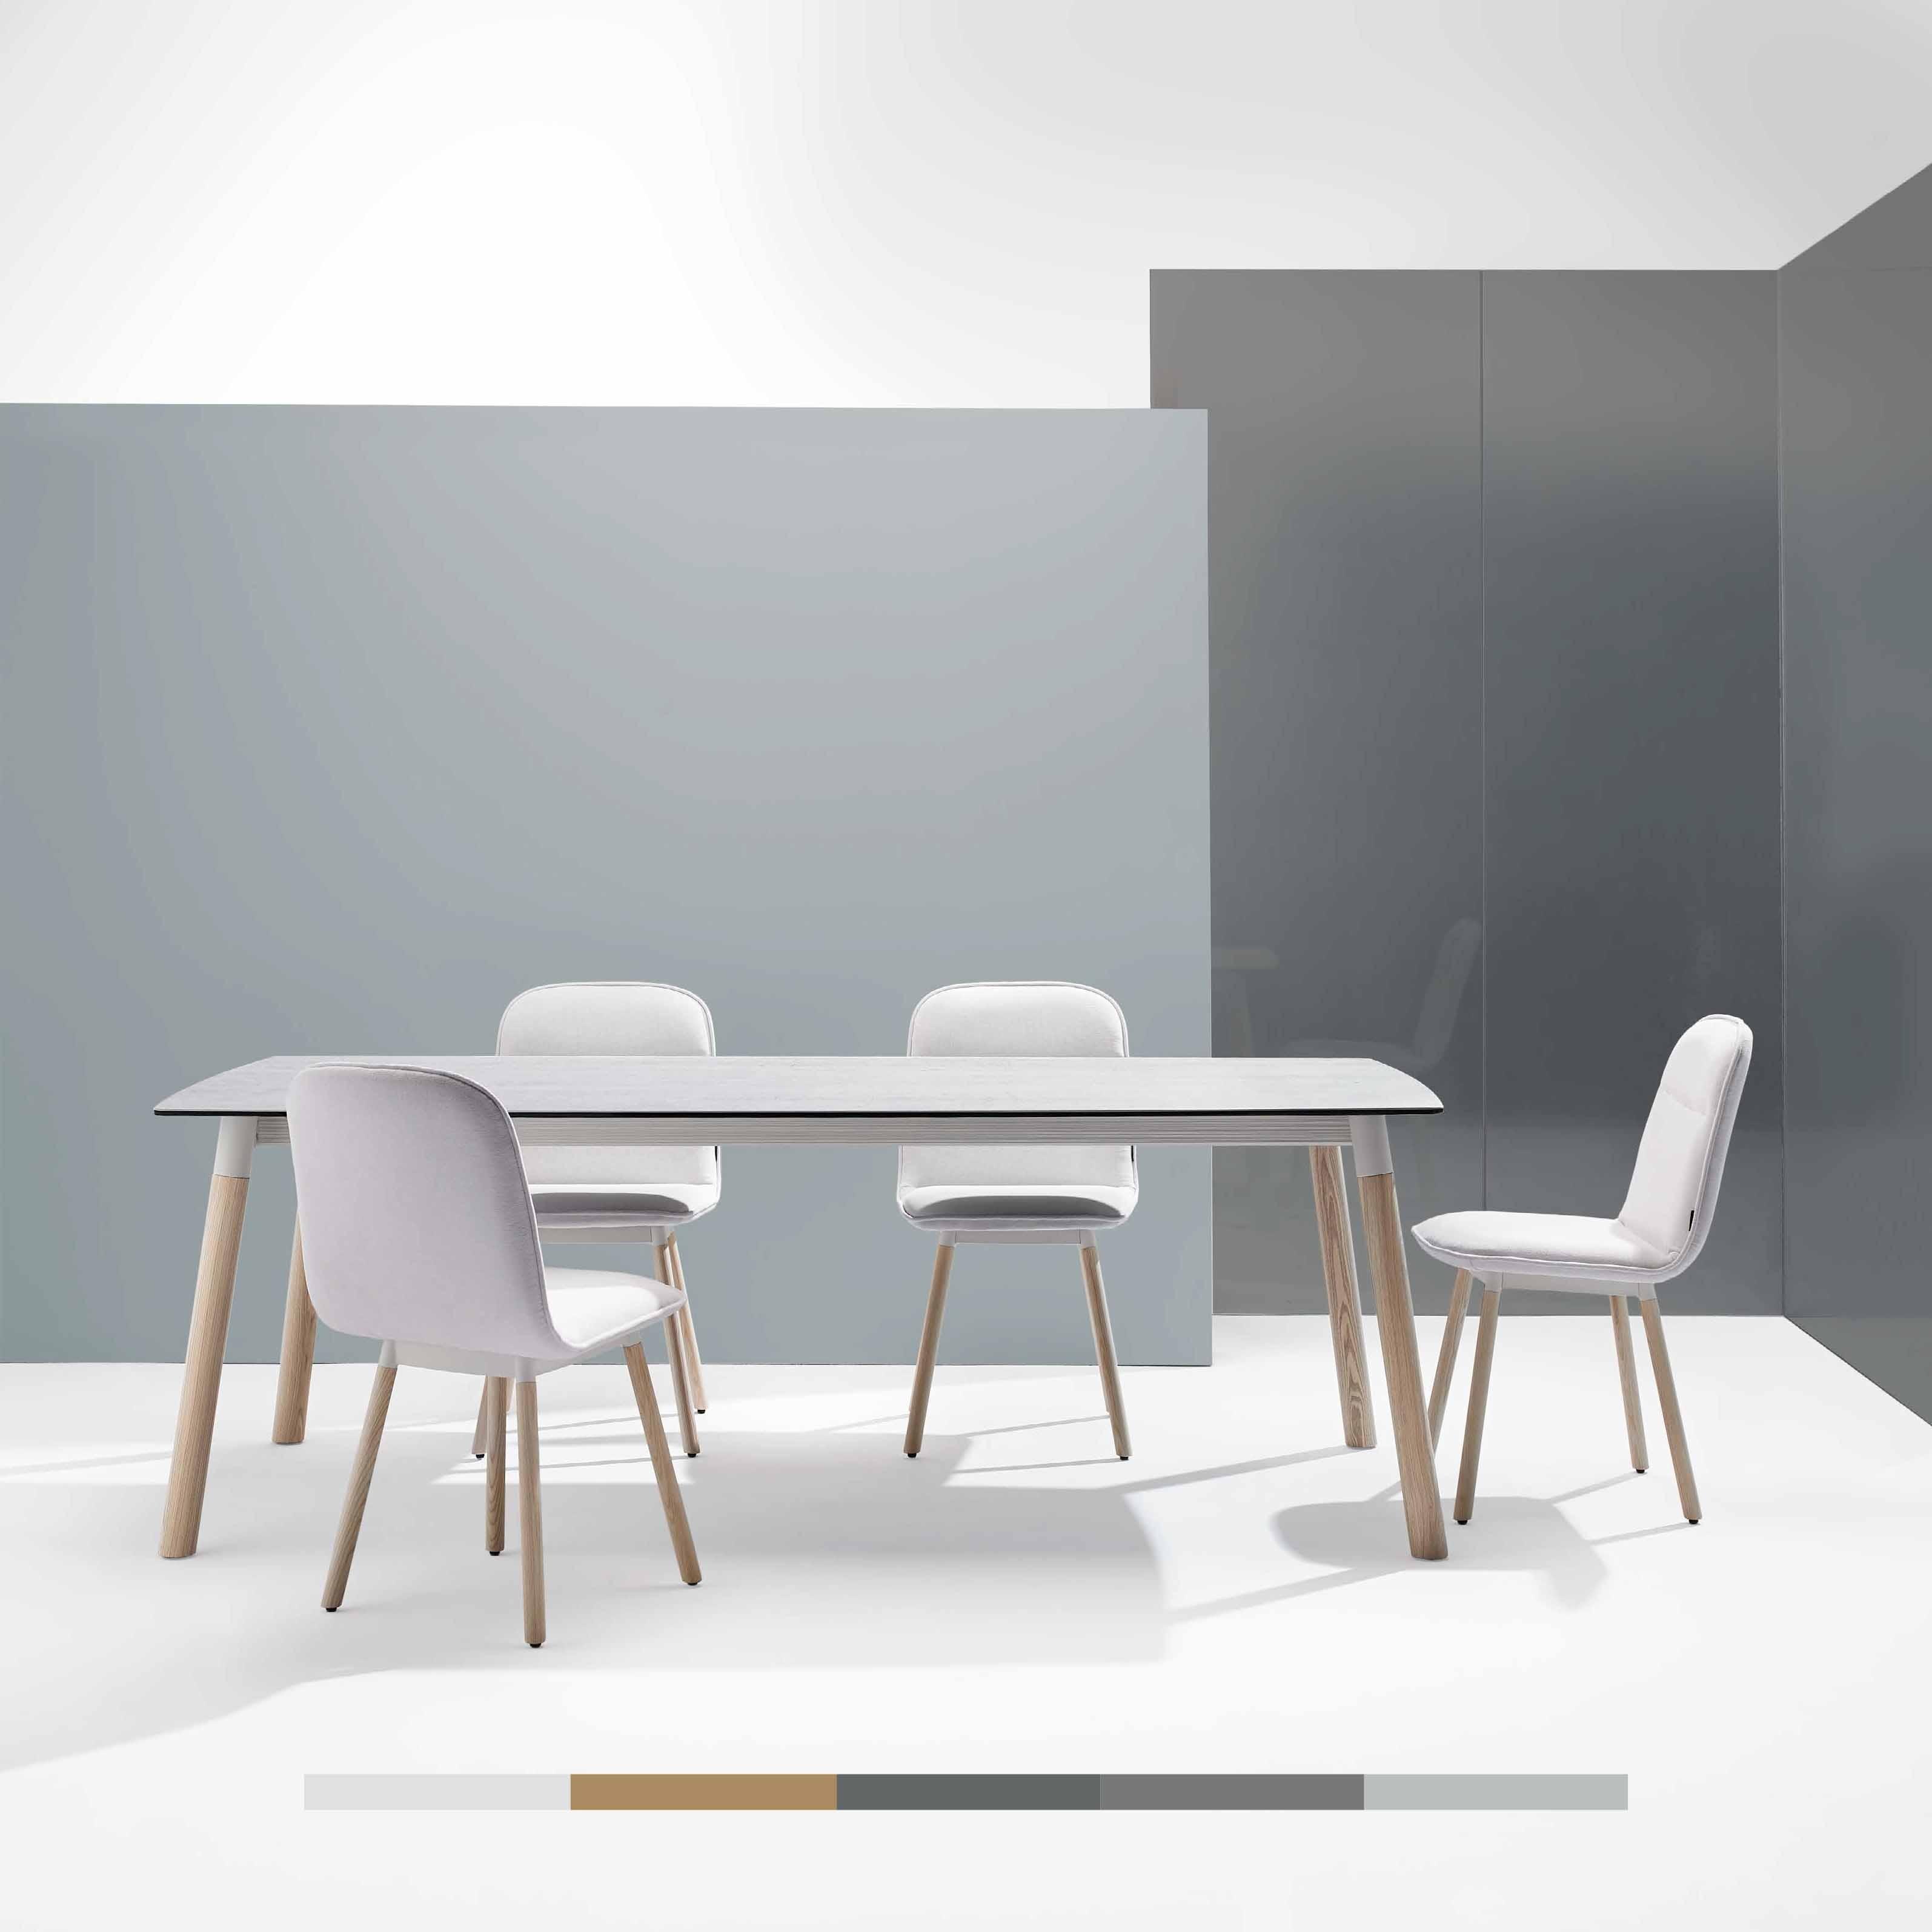 Mobliberica taules menjador i cadires. Taules fixes i extensibles de disseny